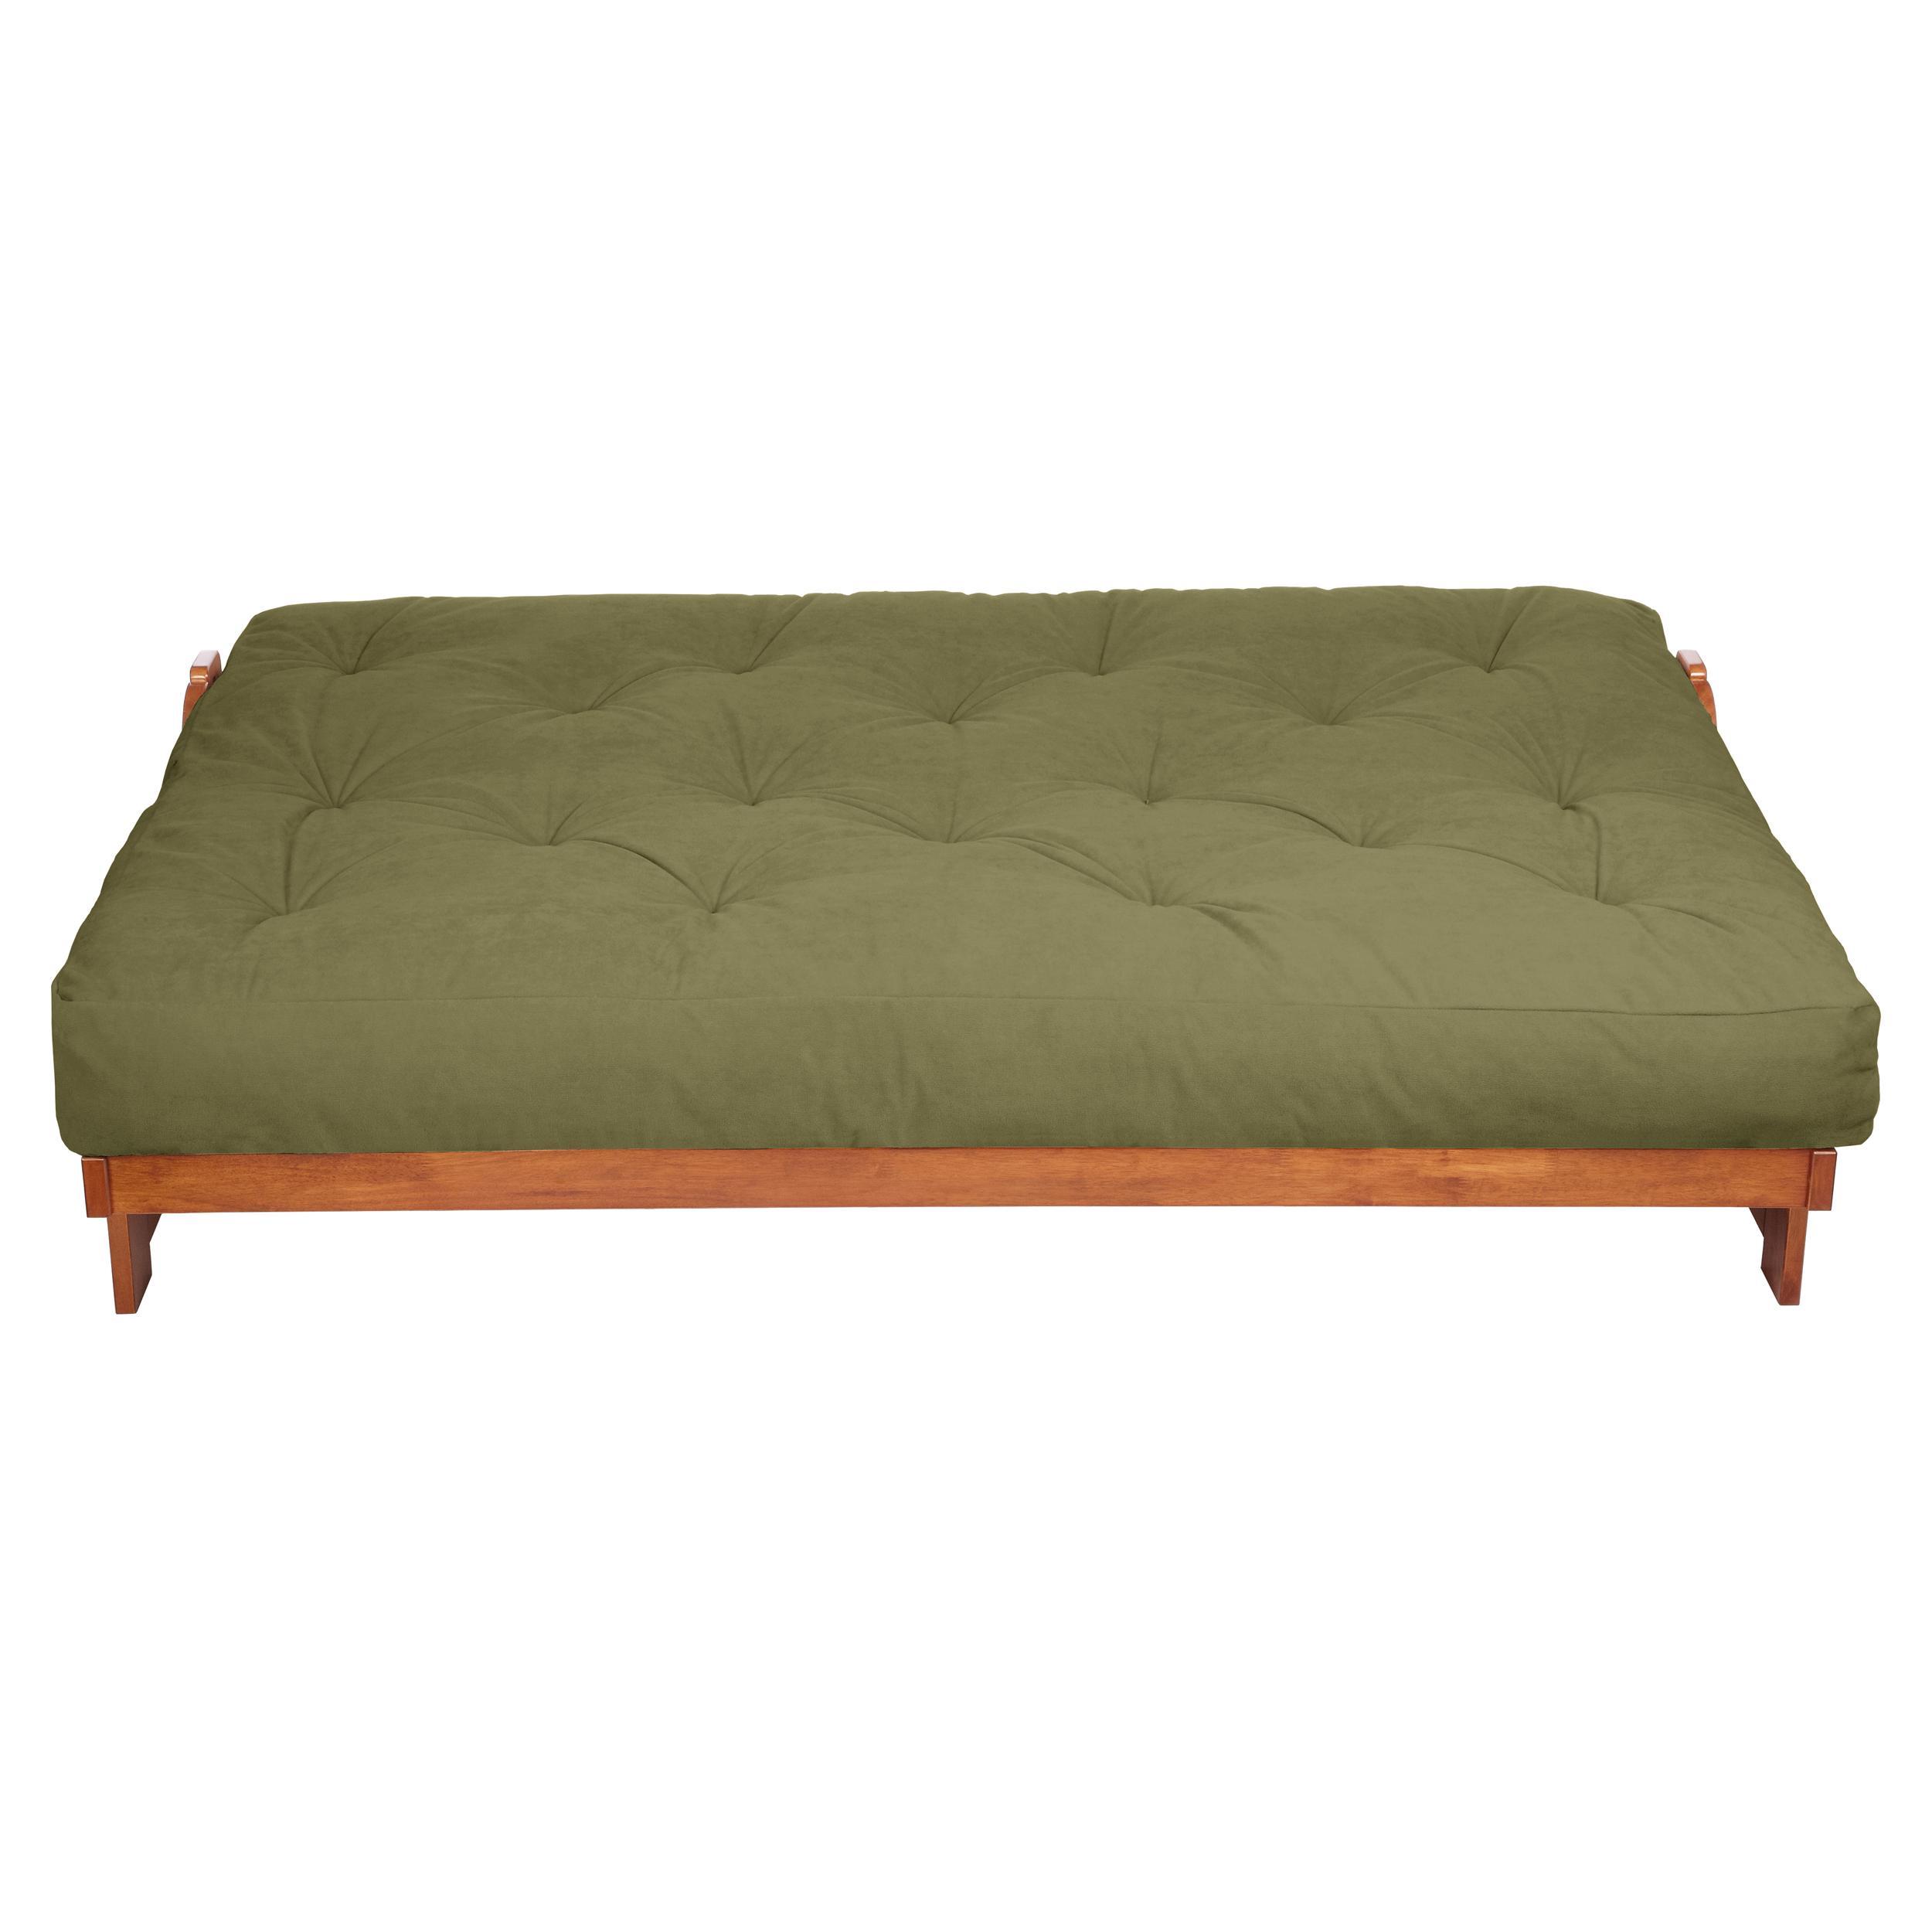 mozaic 12 inch futon mattress twin sage green suede